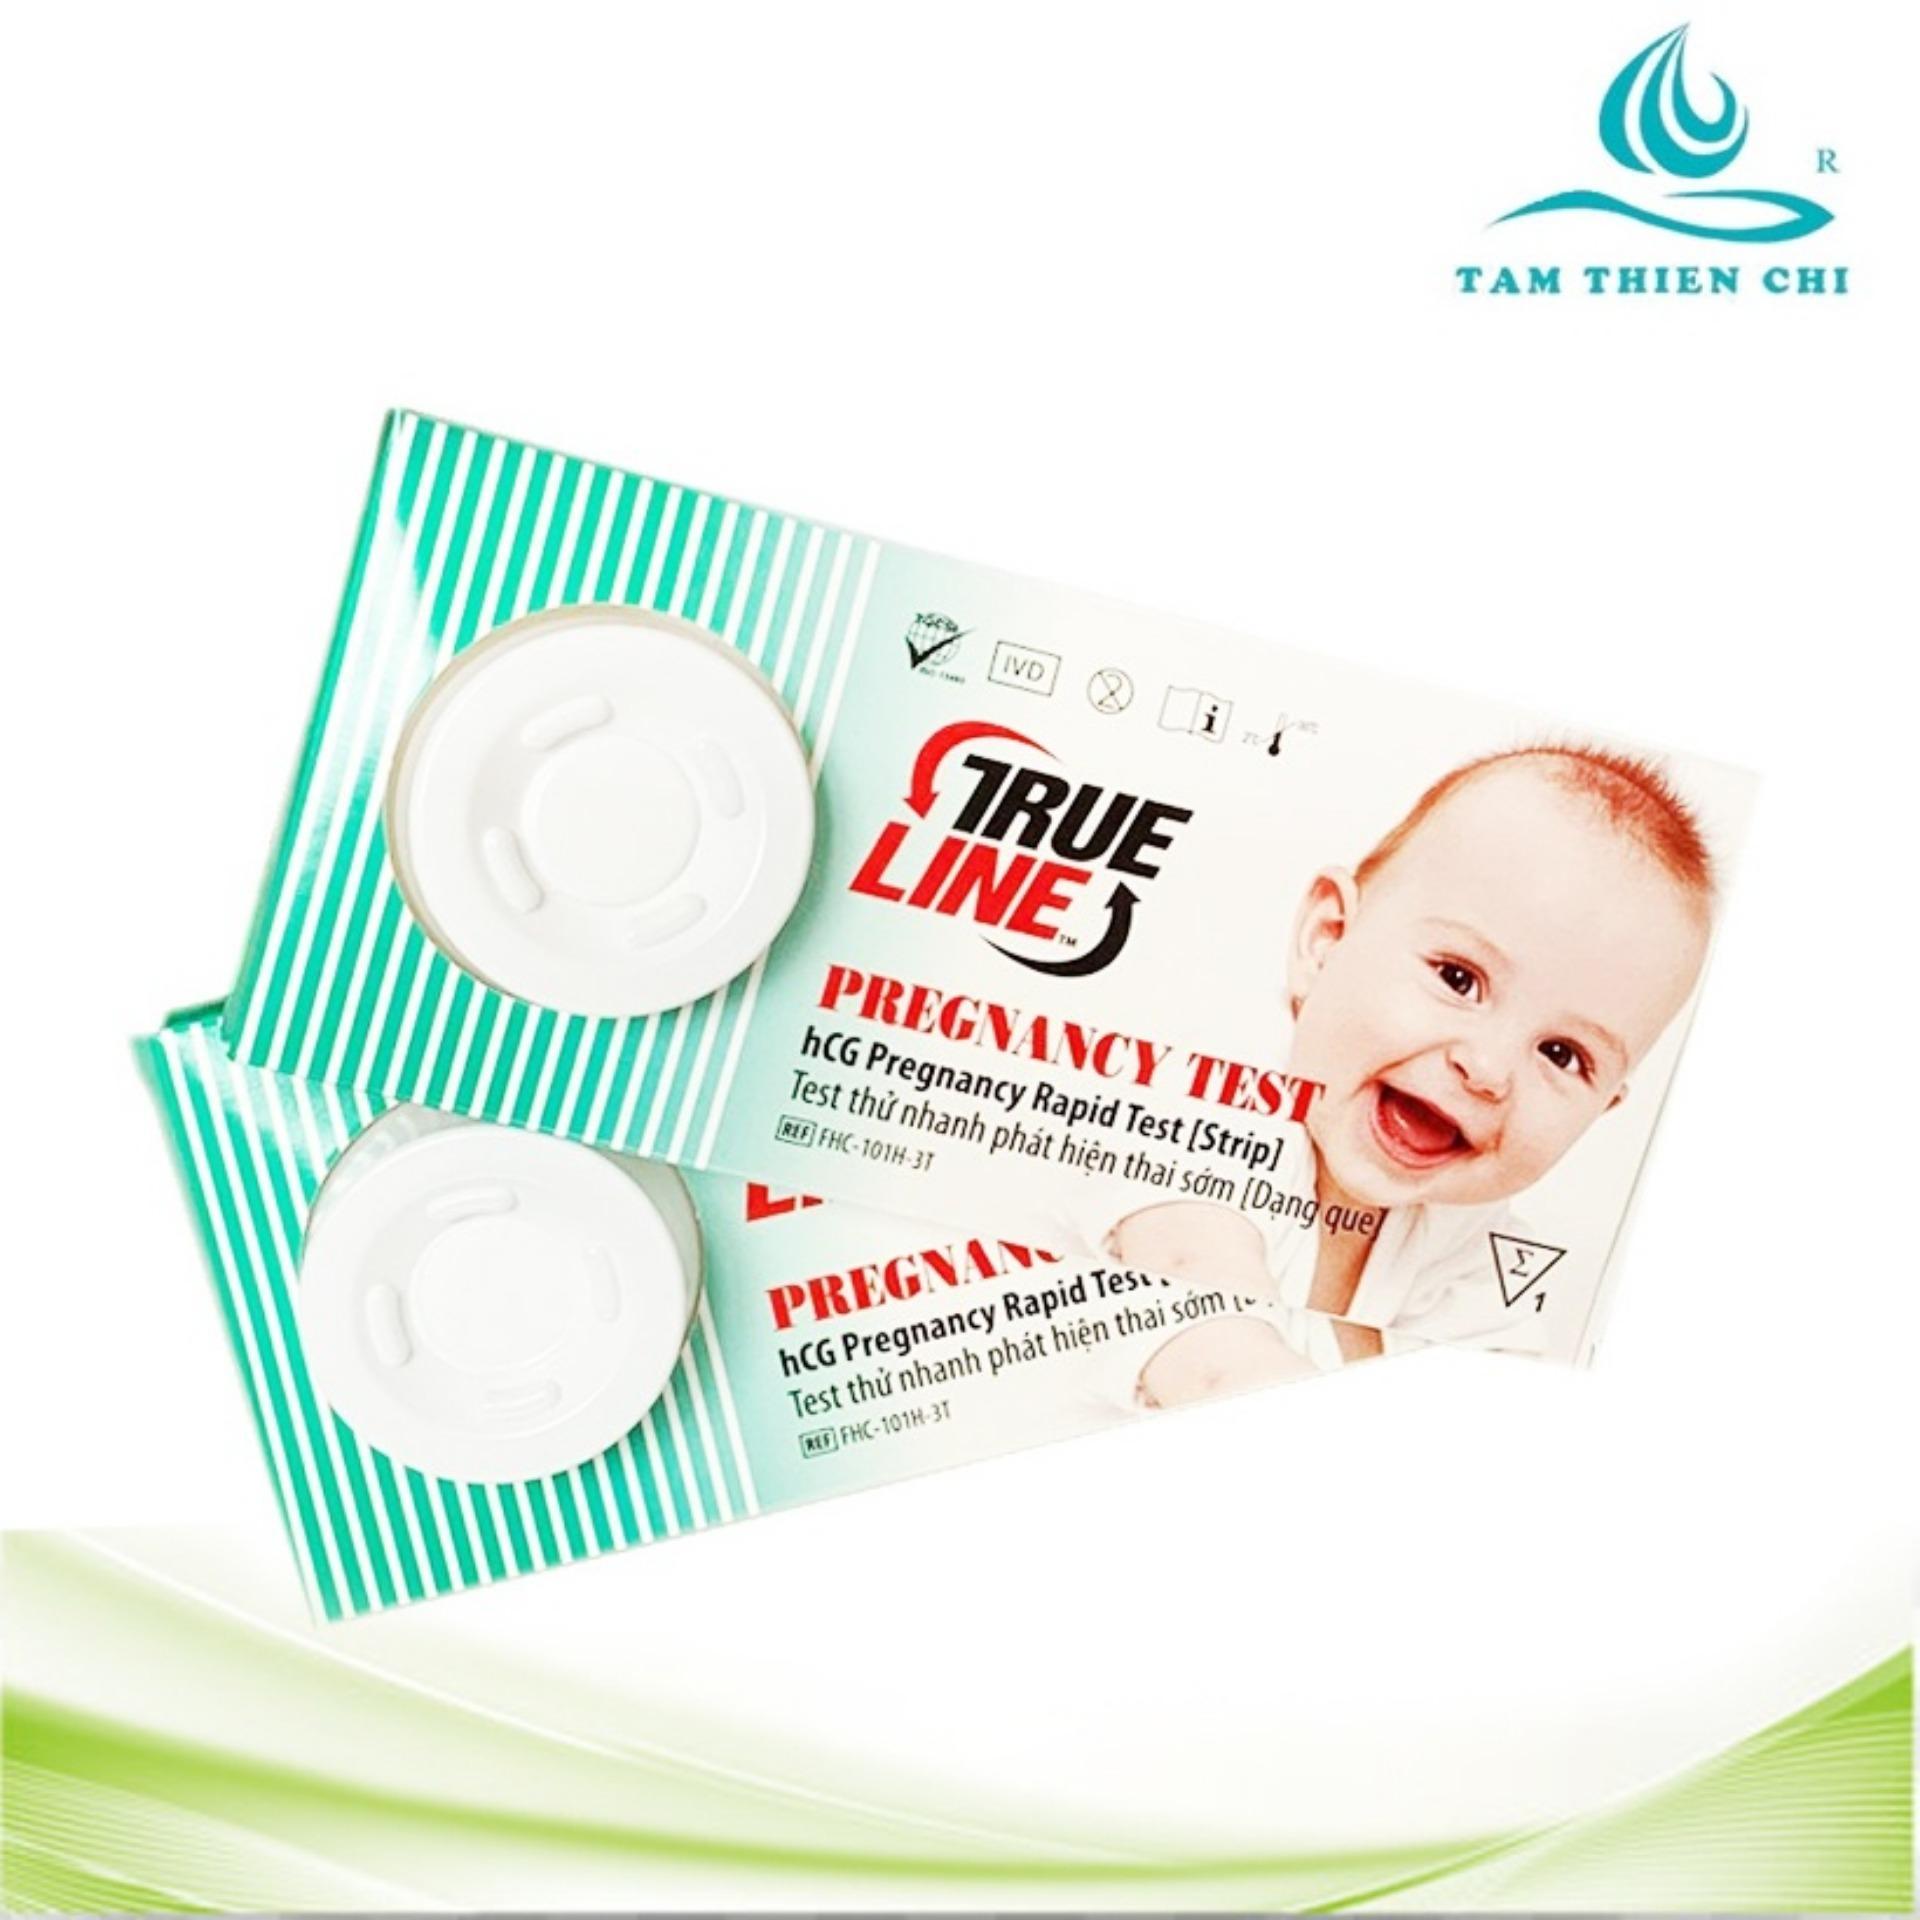 Que thử thai tỉ lệ chính xác cao Trueline Medicon Mỹ bộ 2 hộp (hộp 1 test)